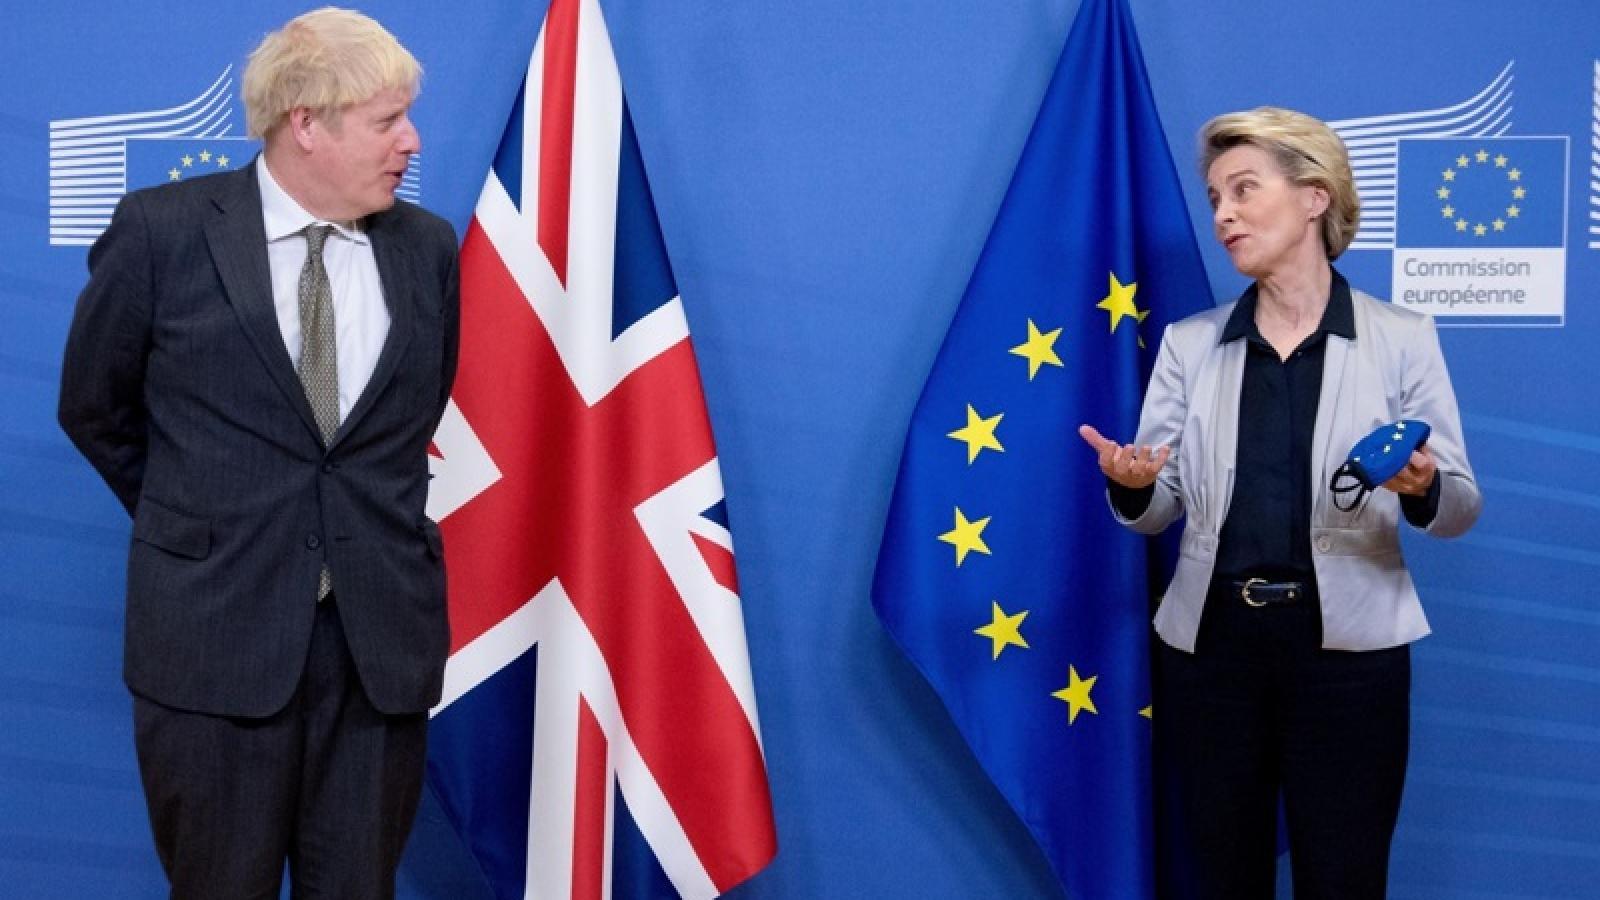 Động lực lớn nhất thúc đẩy Anh và EU hoàn tất đàm phán Brexit là gì?